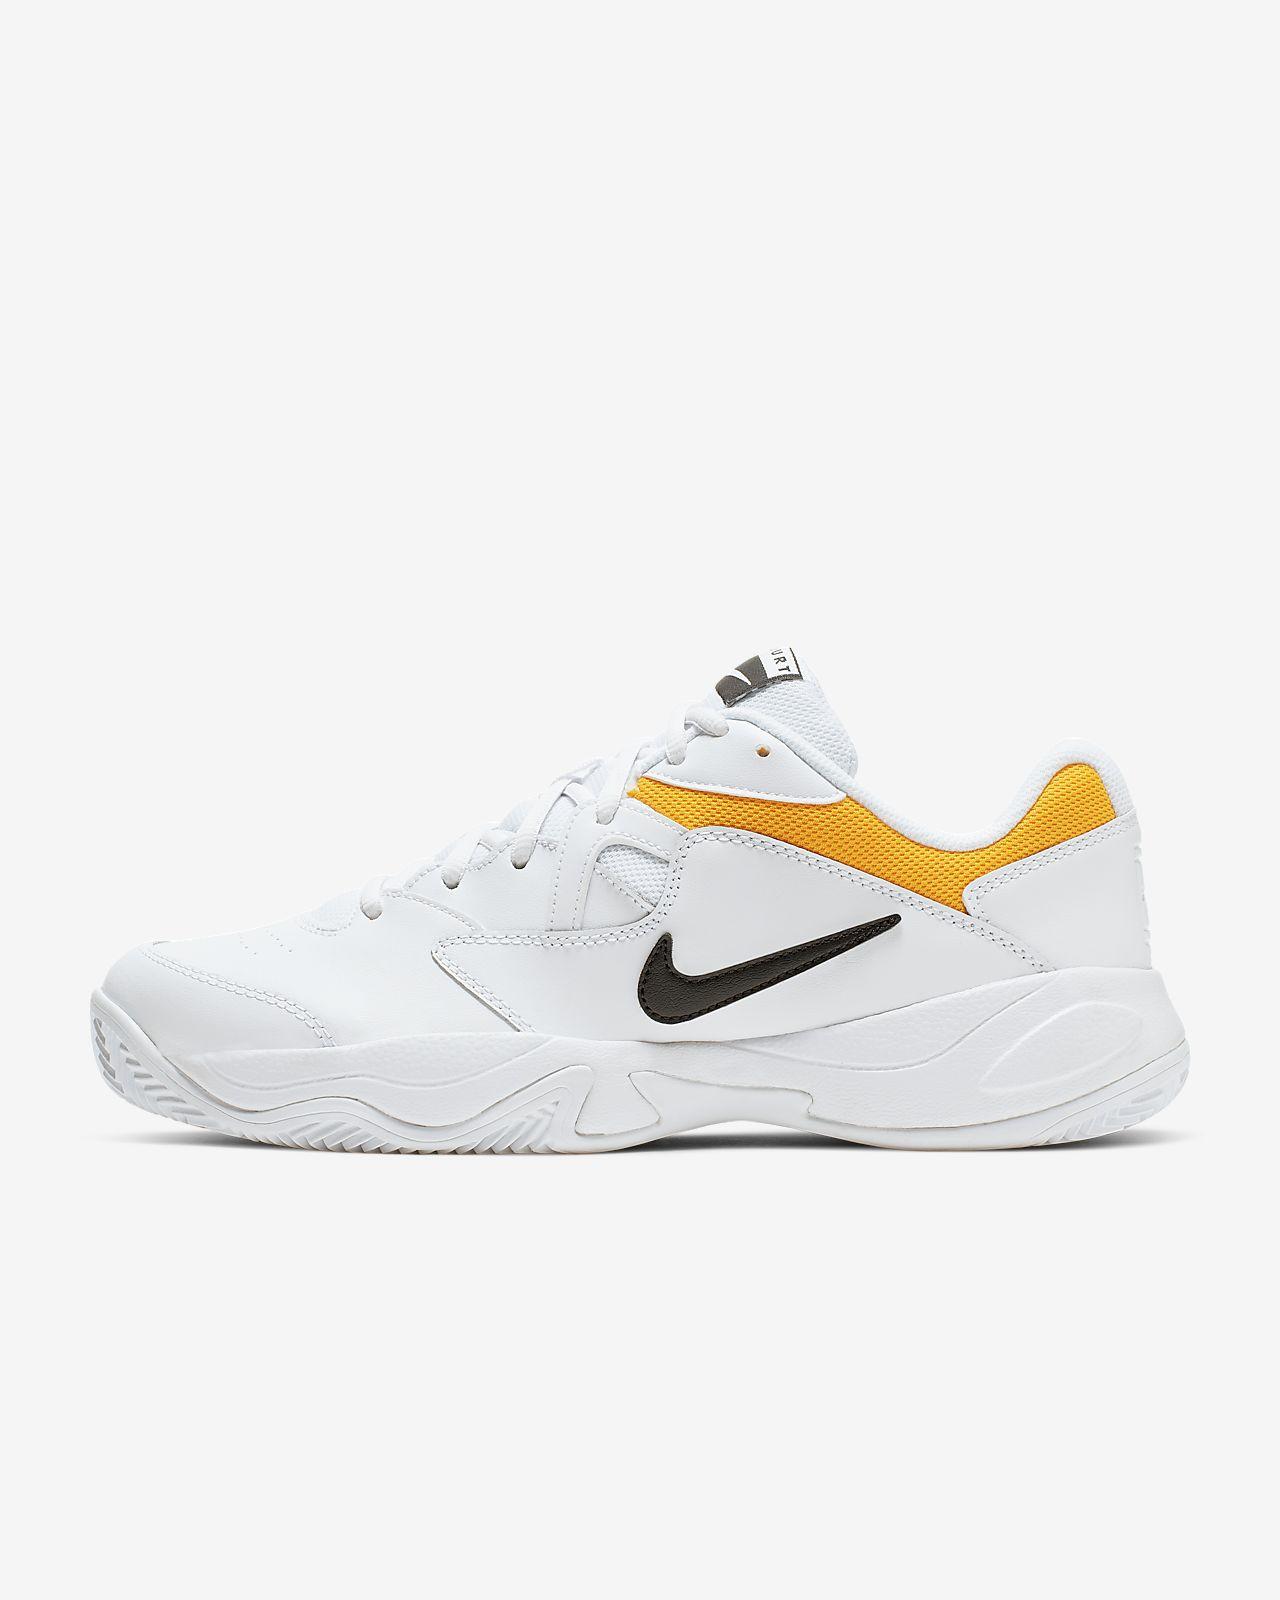 NikeCourt Lite 2 Premium Herren Tennisschuh großer Rabatt